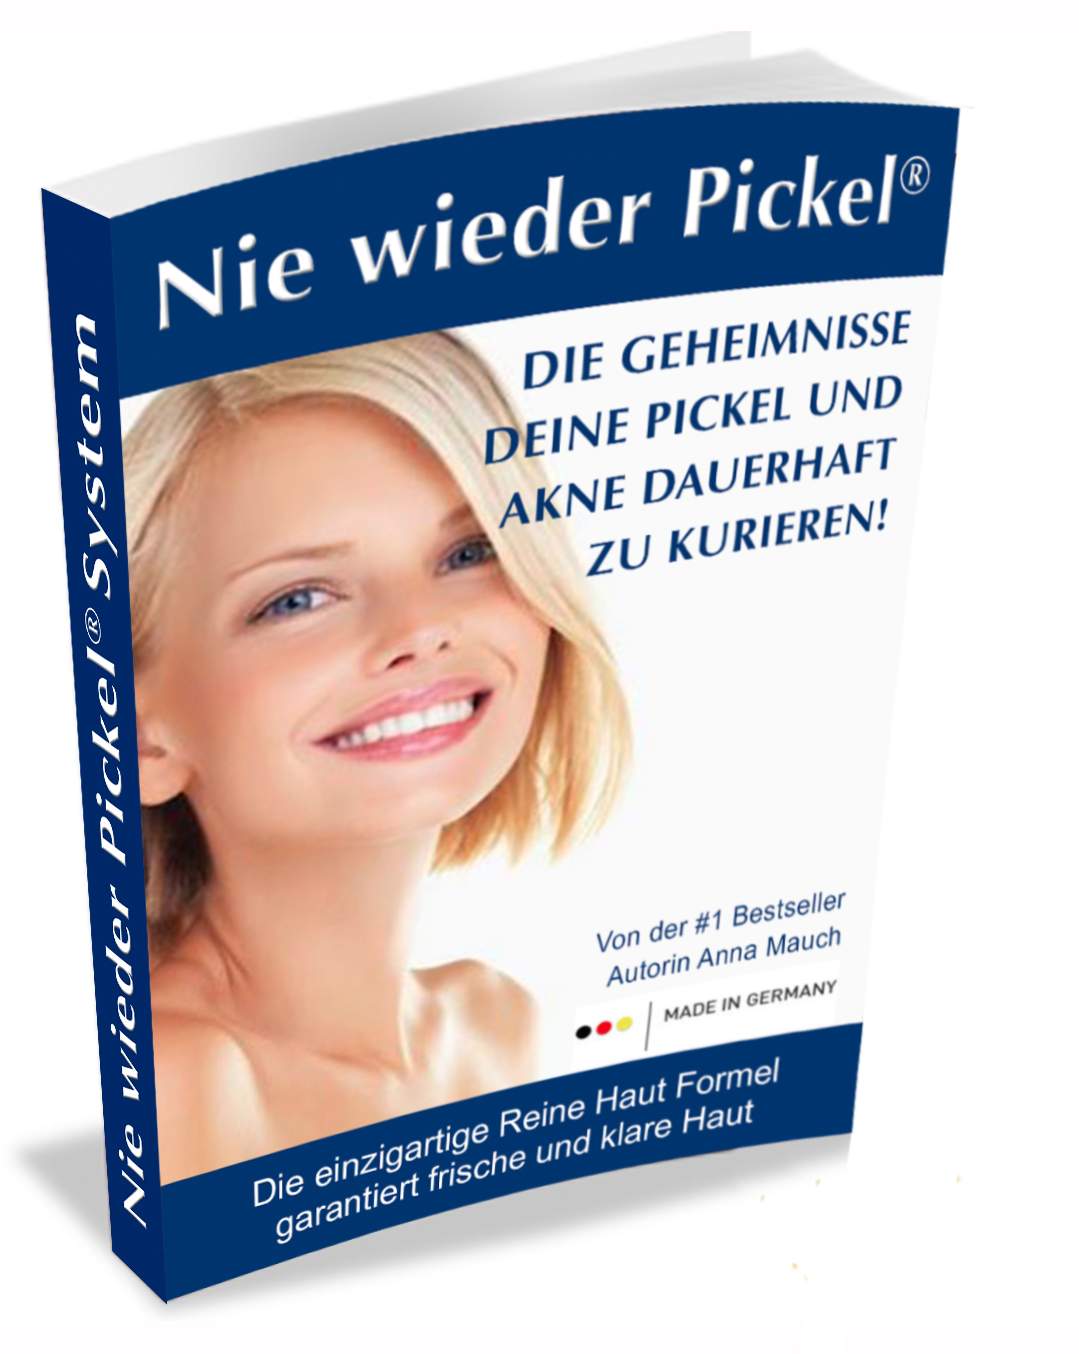 nie_wieder_pickel_cover_1_3D